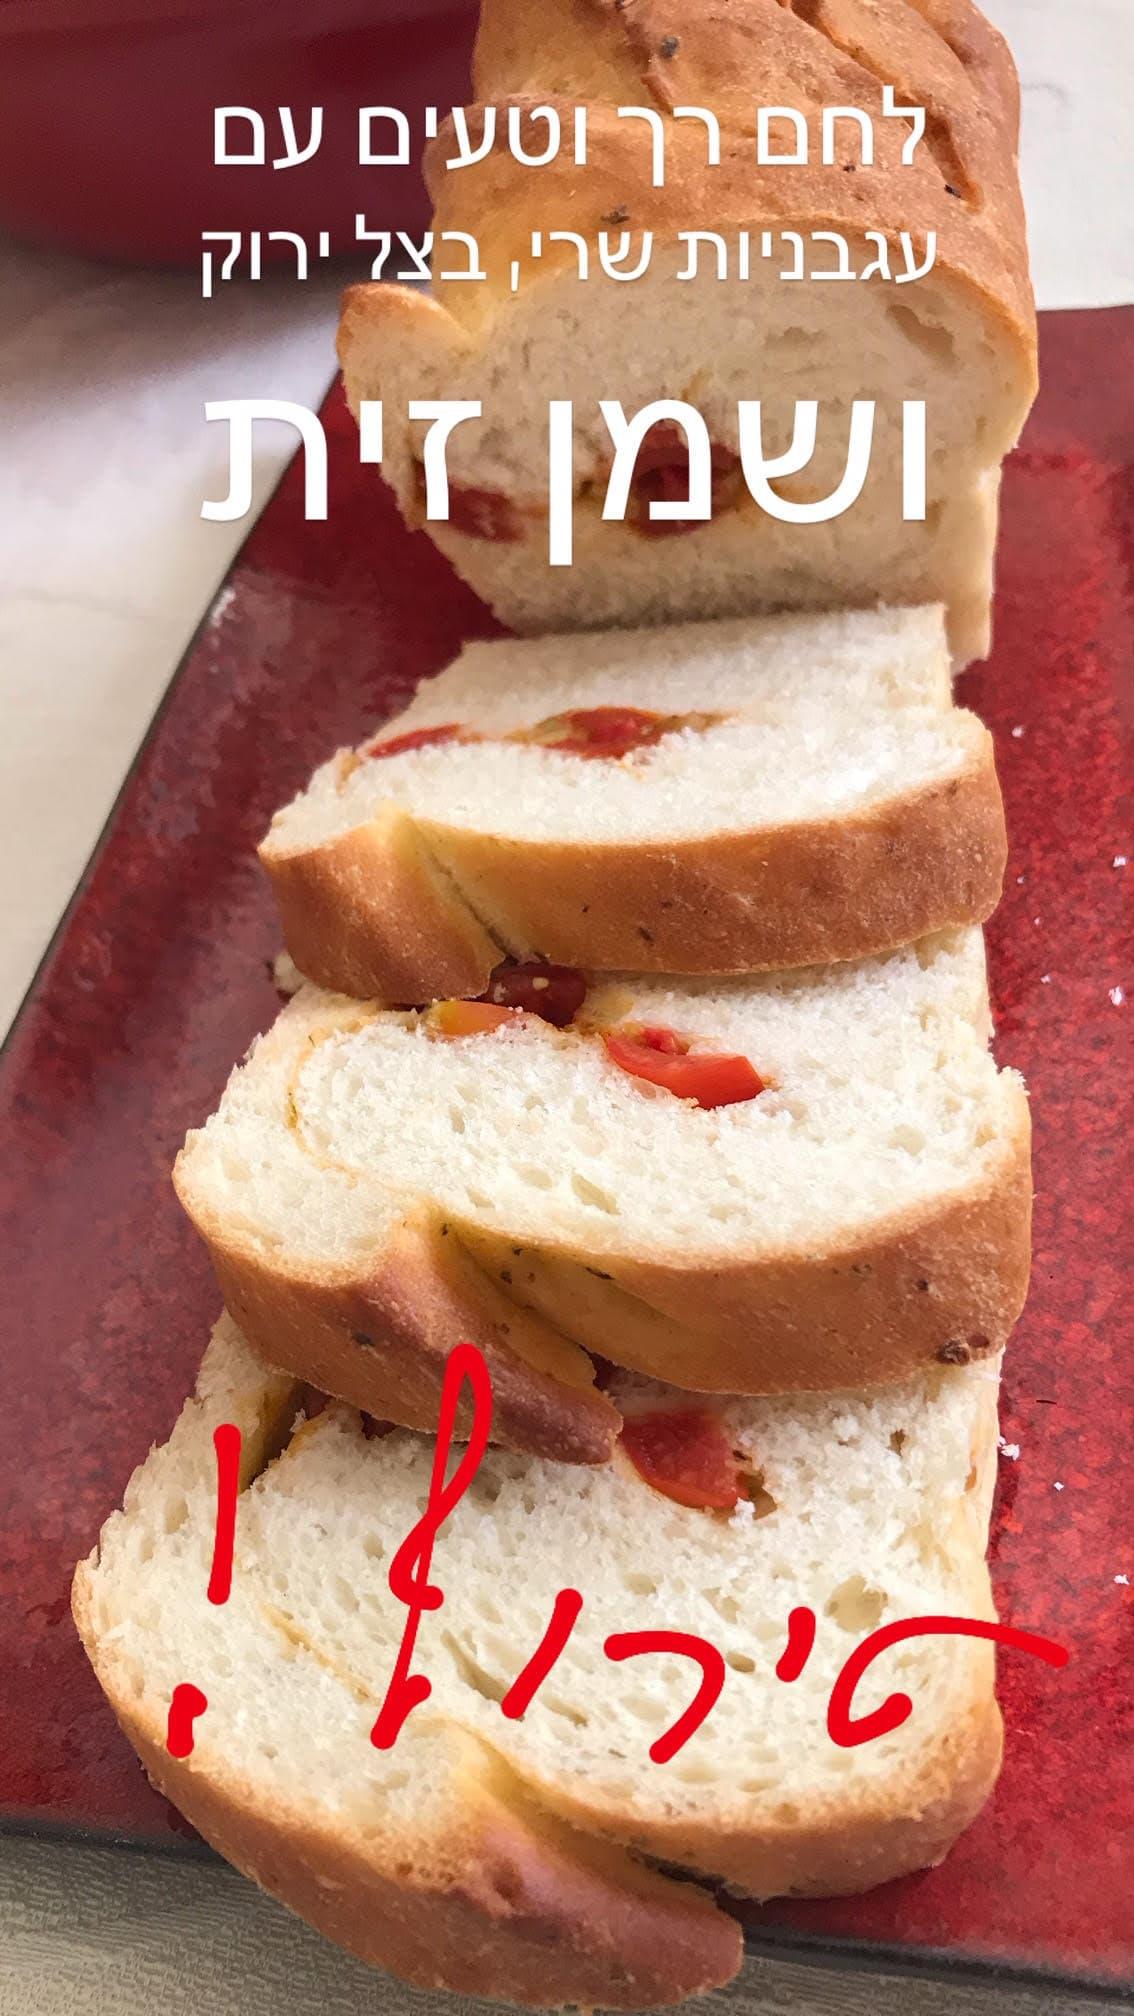 לחם ממולא בעגבניות שרי מהסטורי 1